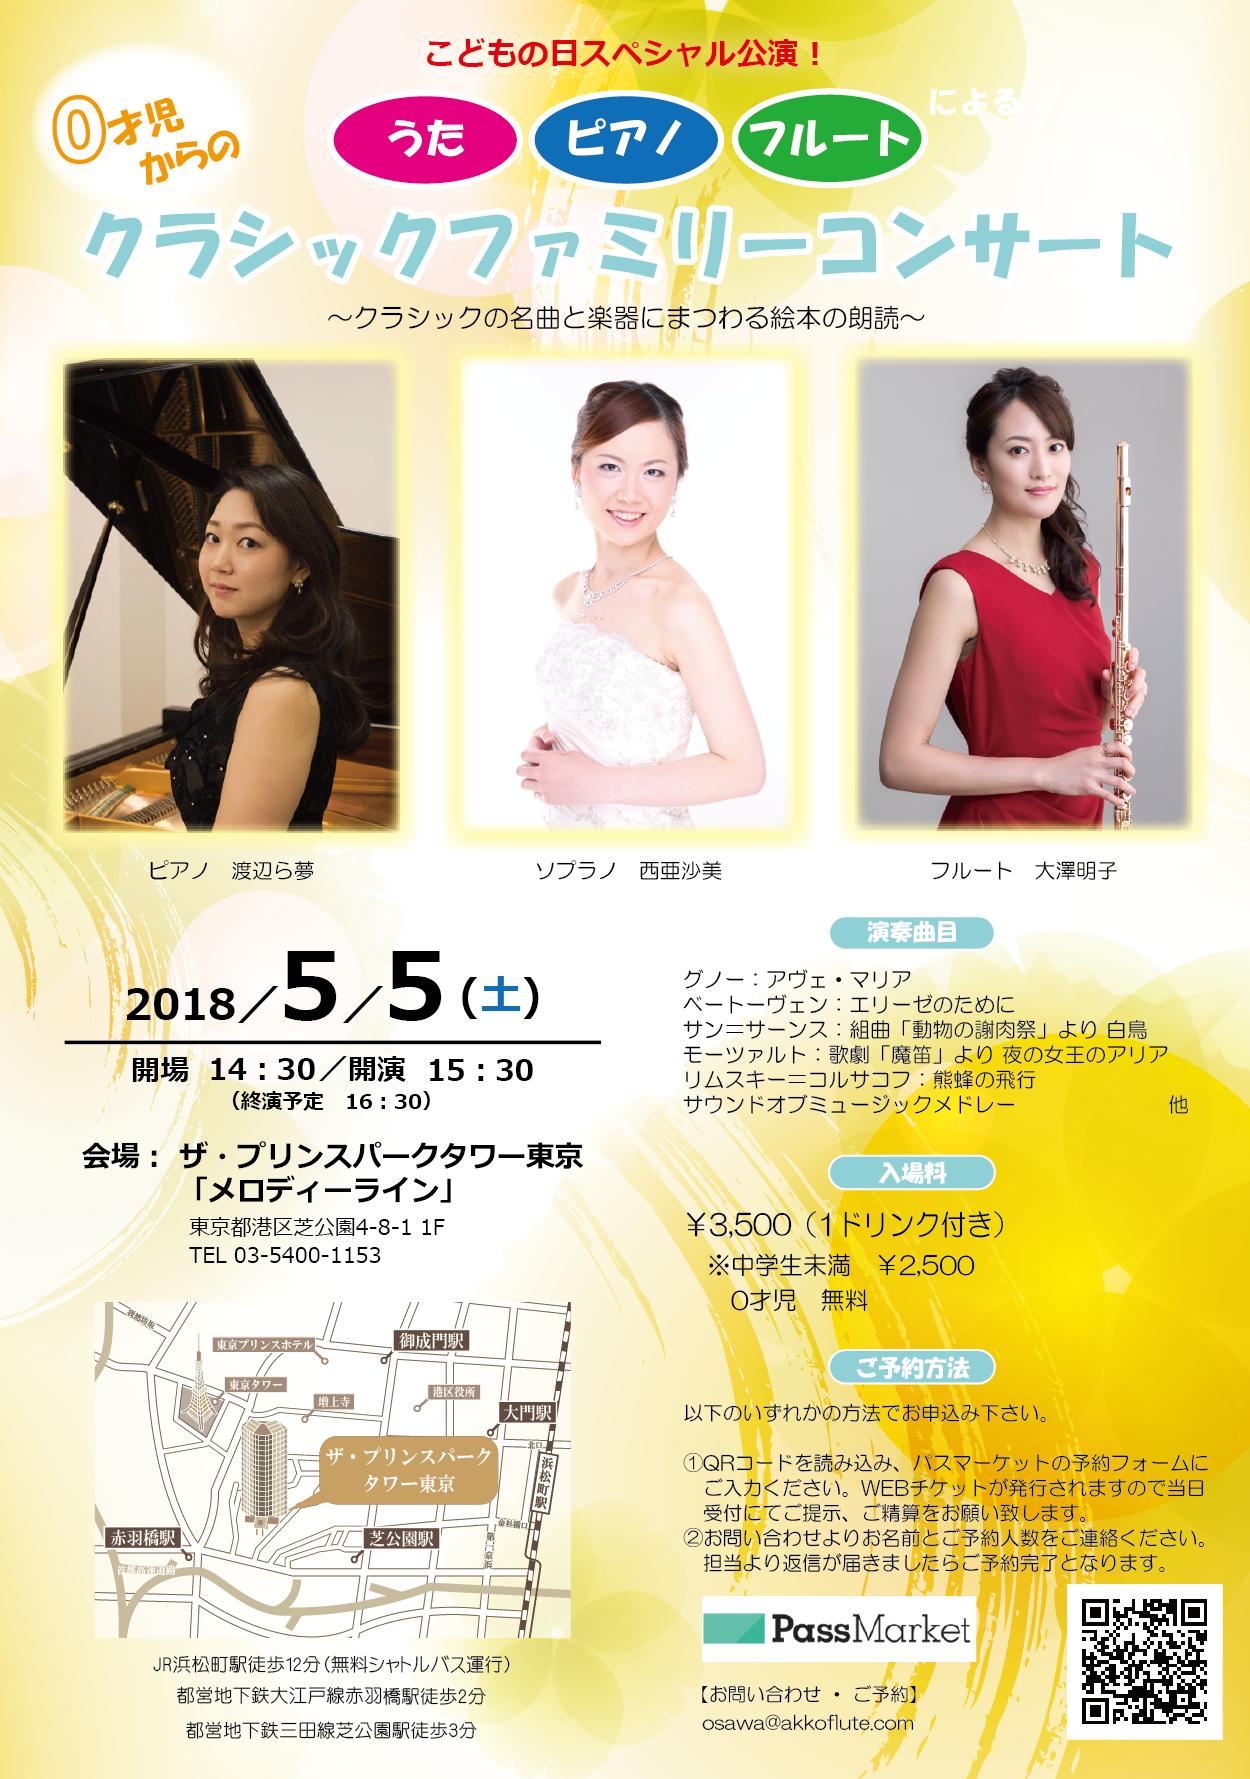 クラシックファミリーコンサート